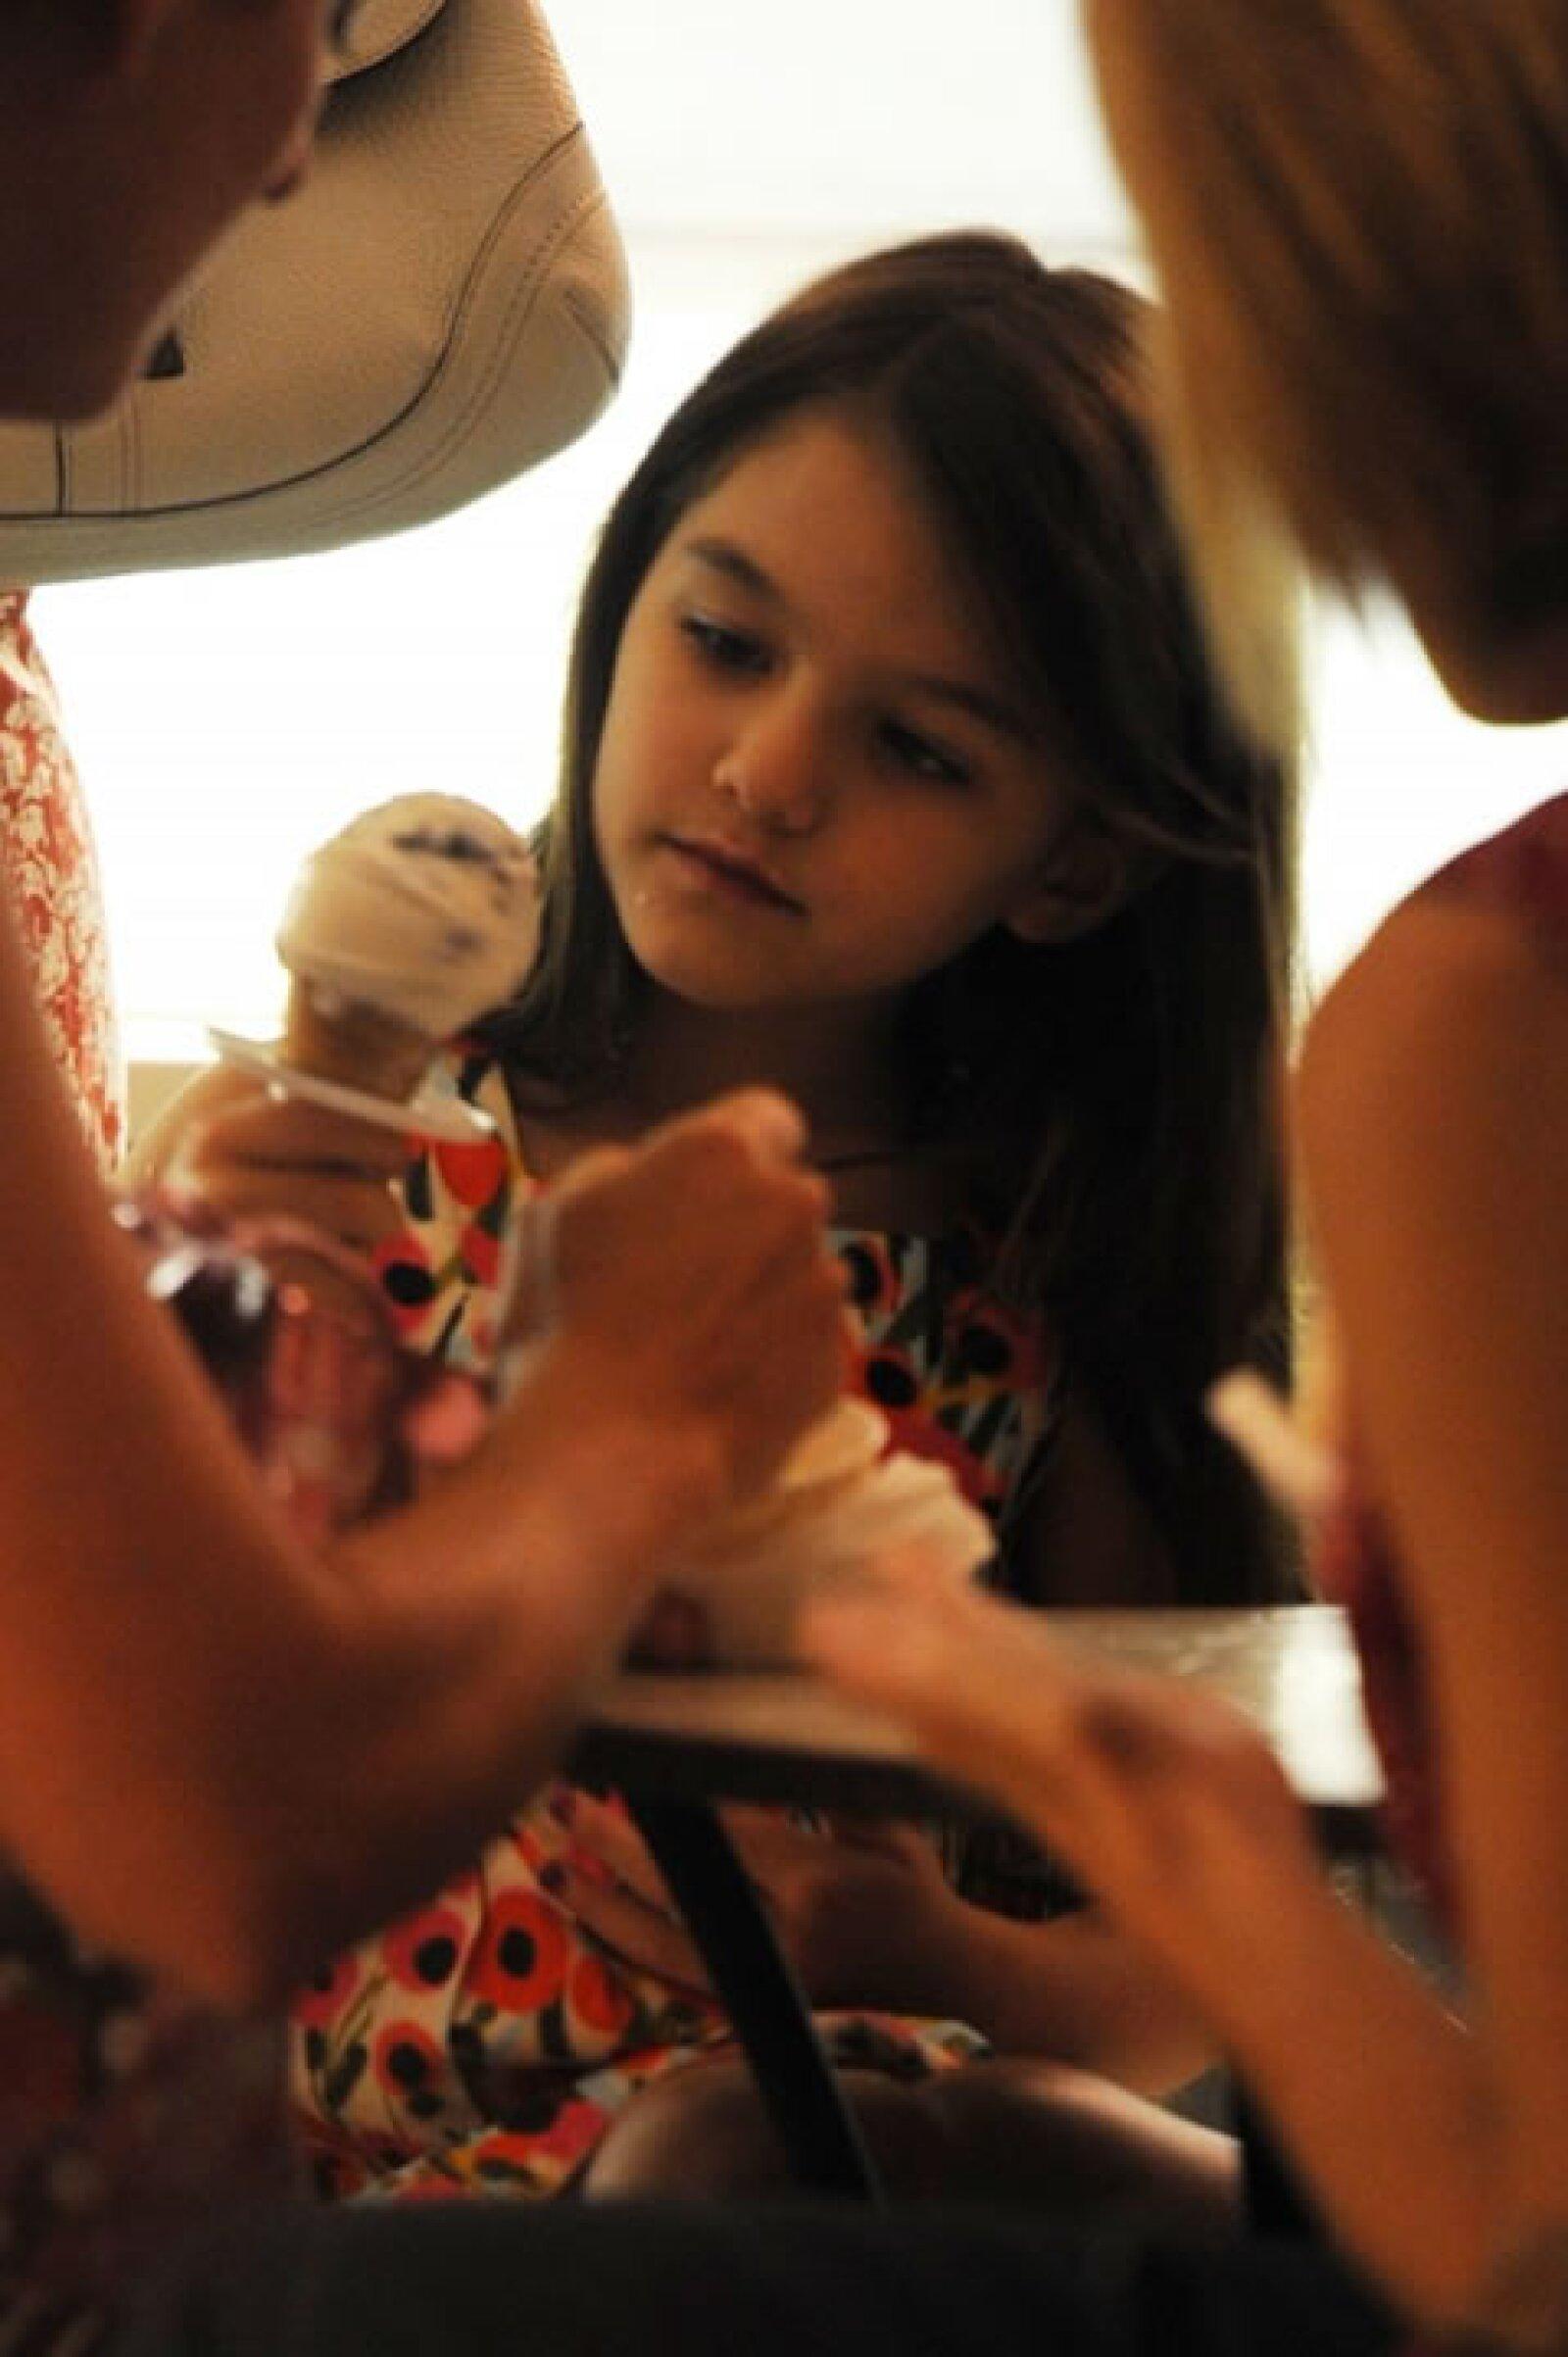 El 29 de junio sus padres mediante un comunicados dieron a conocer la noticia que se separaban. Unos días después Suri salió con su madre a comer un helado.